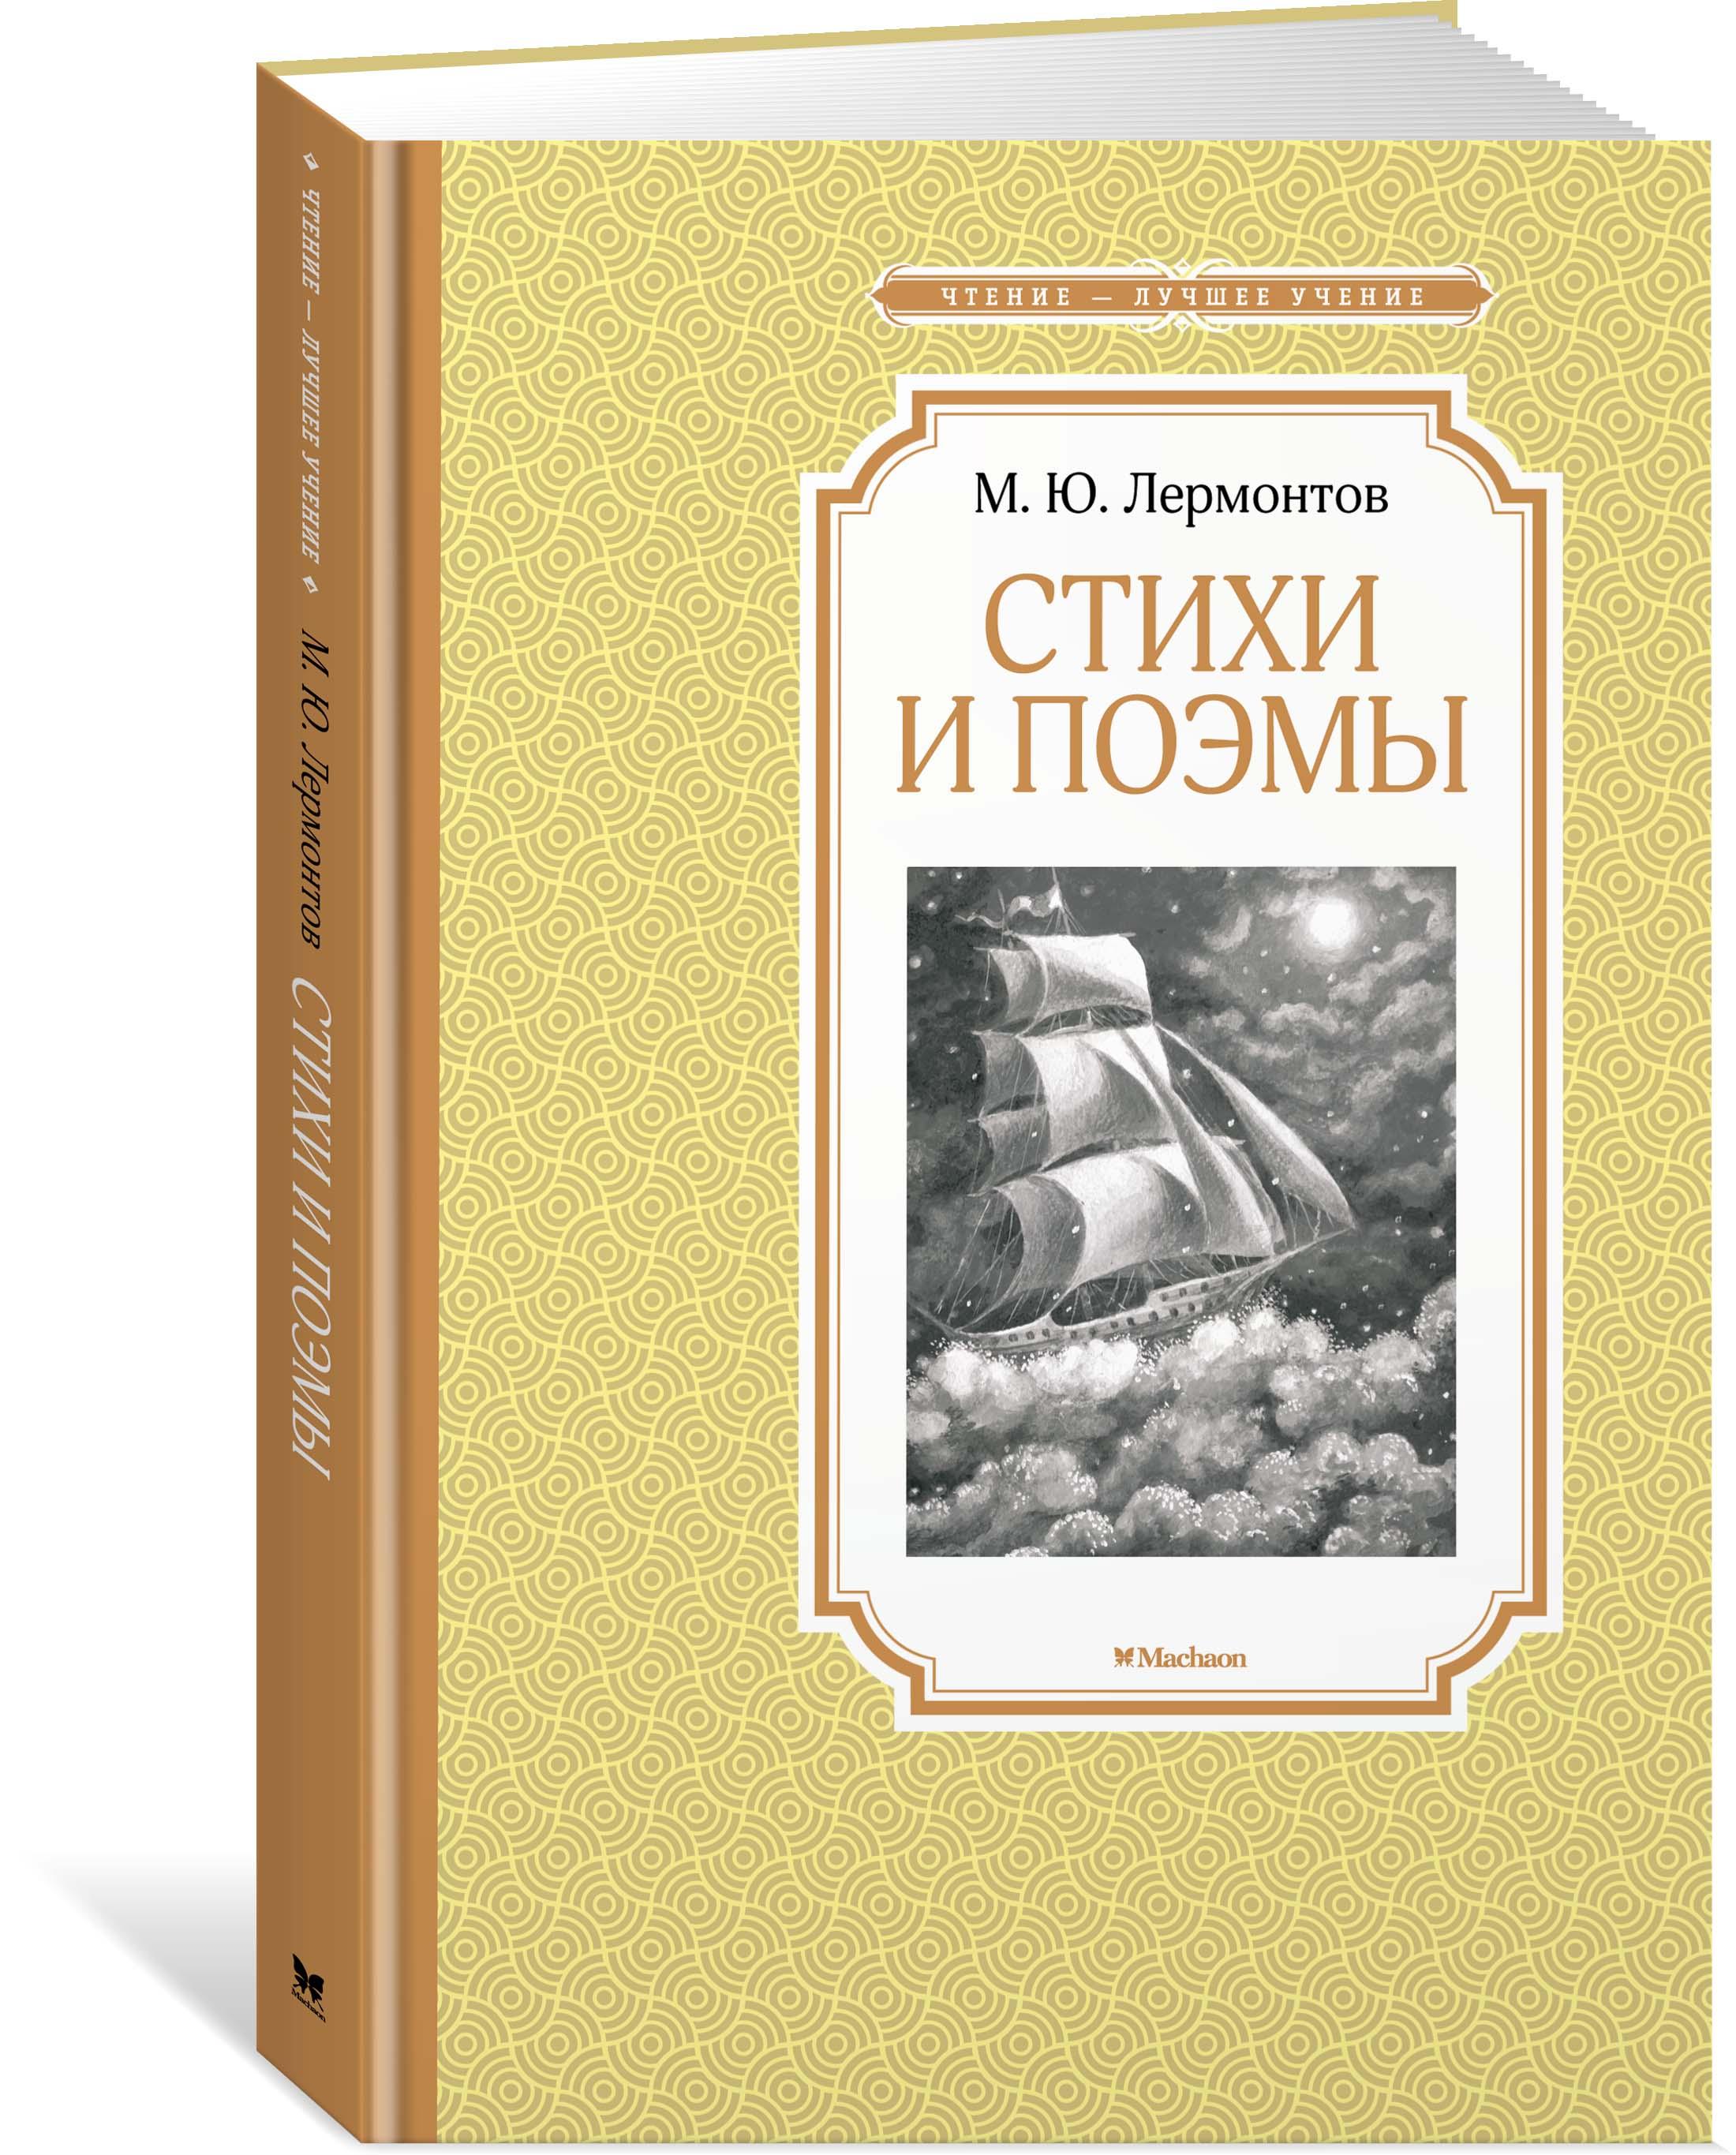 купить Лермонтов М. М. Ю. Лермонтов. Стихи и поэмы по цене 120 рублей